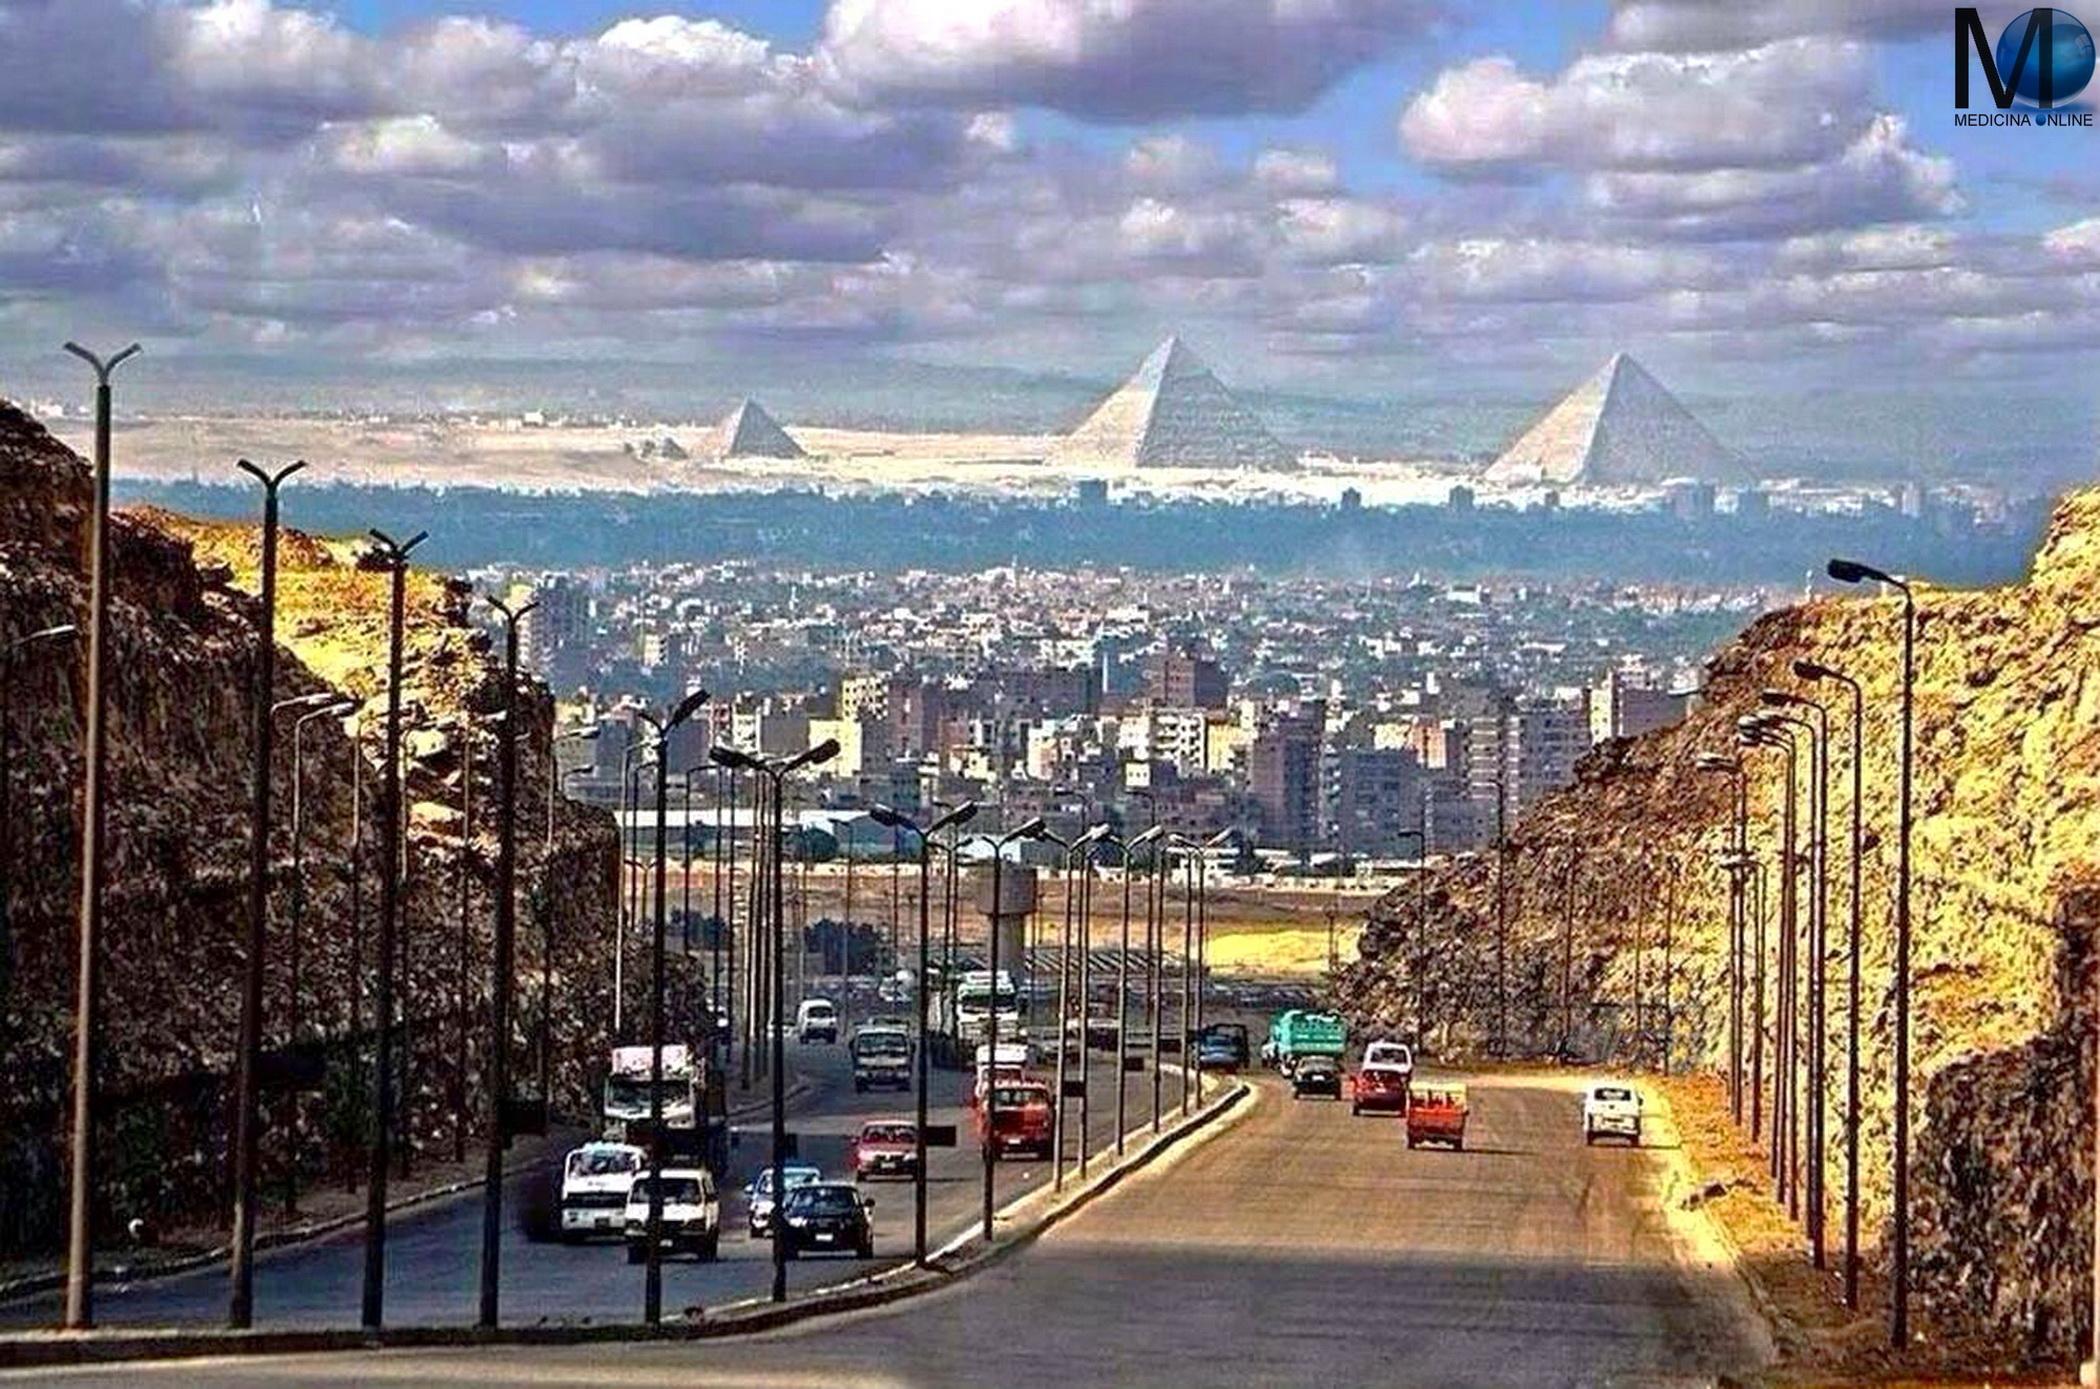 Egitto la vista da sogno sulle piramidi di giza medicina online - La ilaha illallah hd wallpaper ...